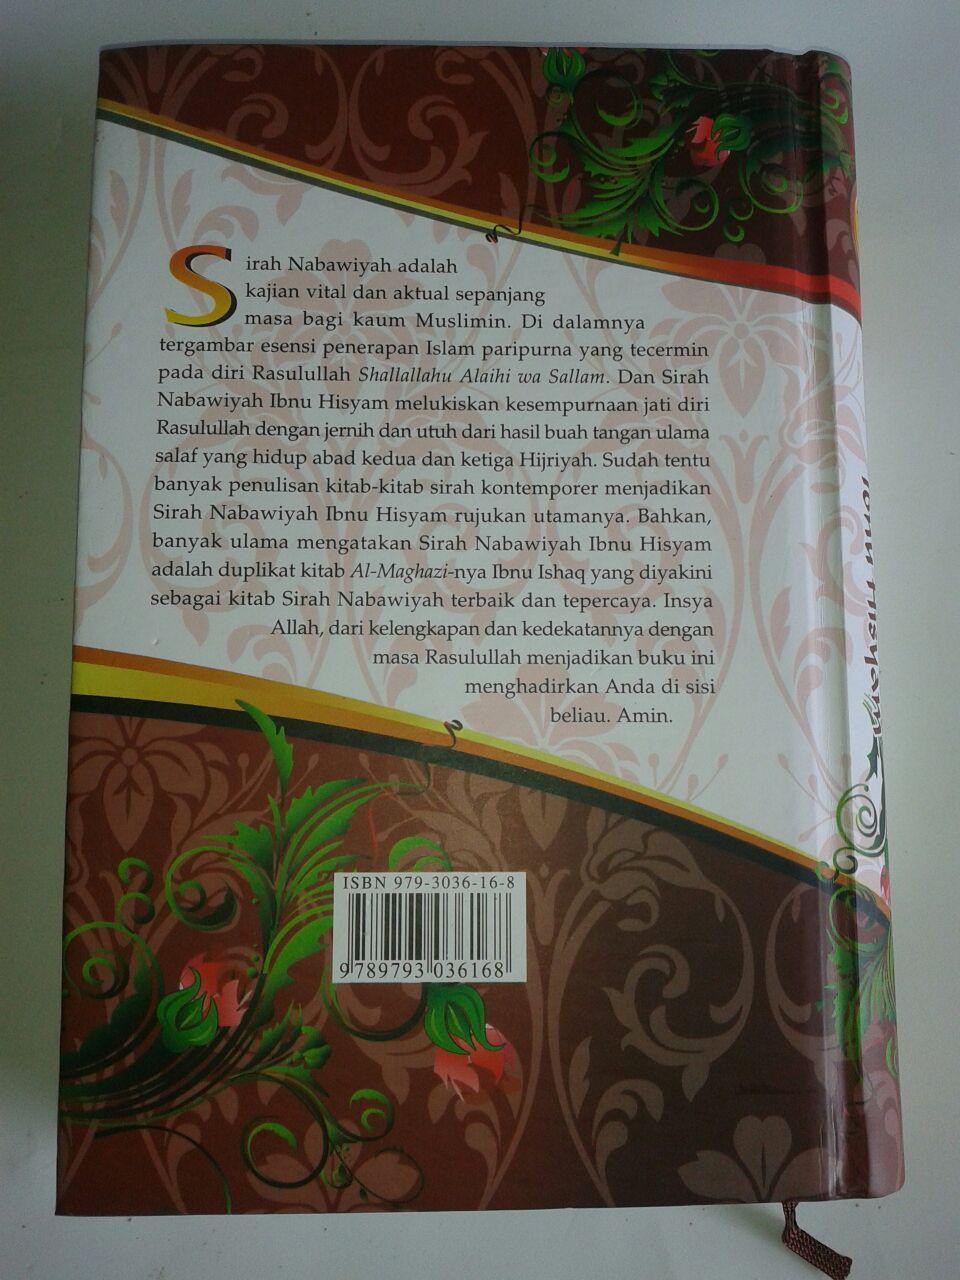 Buku Sirah Nabawiyah Ibnu Hisyam 1 Set 2 Jilid cover